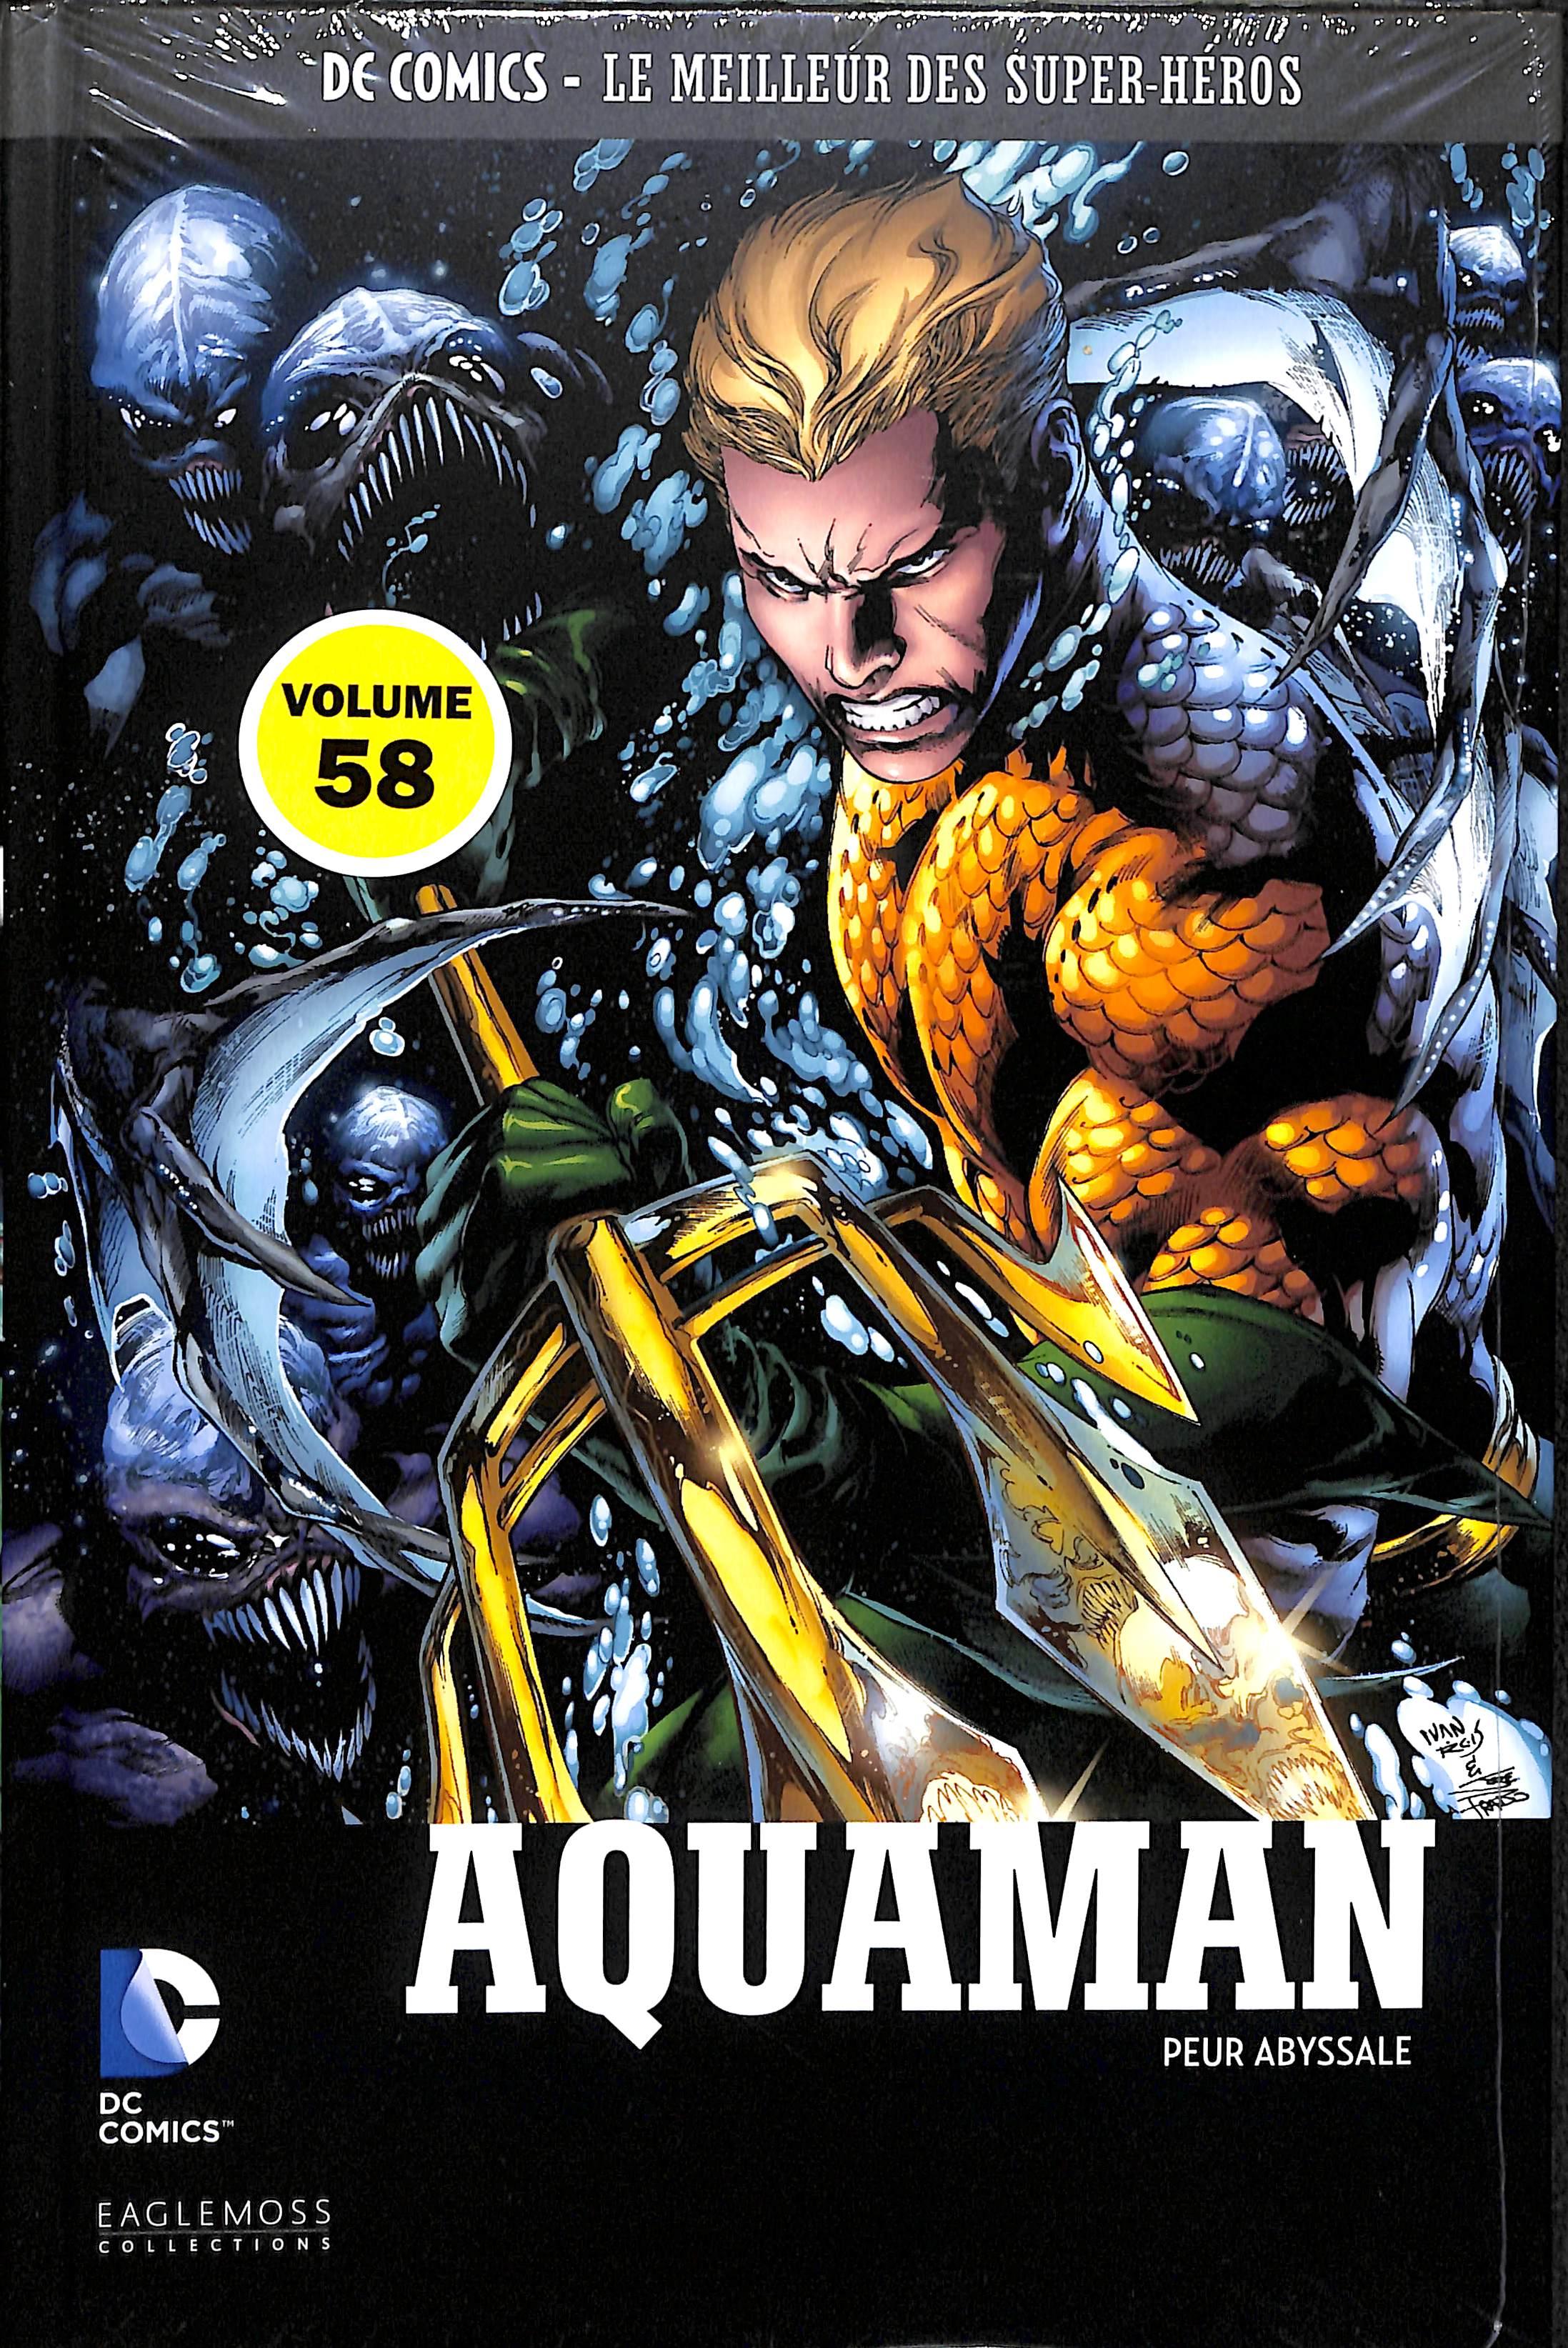 DC Comics - Le Meilleur des Super-Héros 58 - Aquaman - Peur abyssale